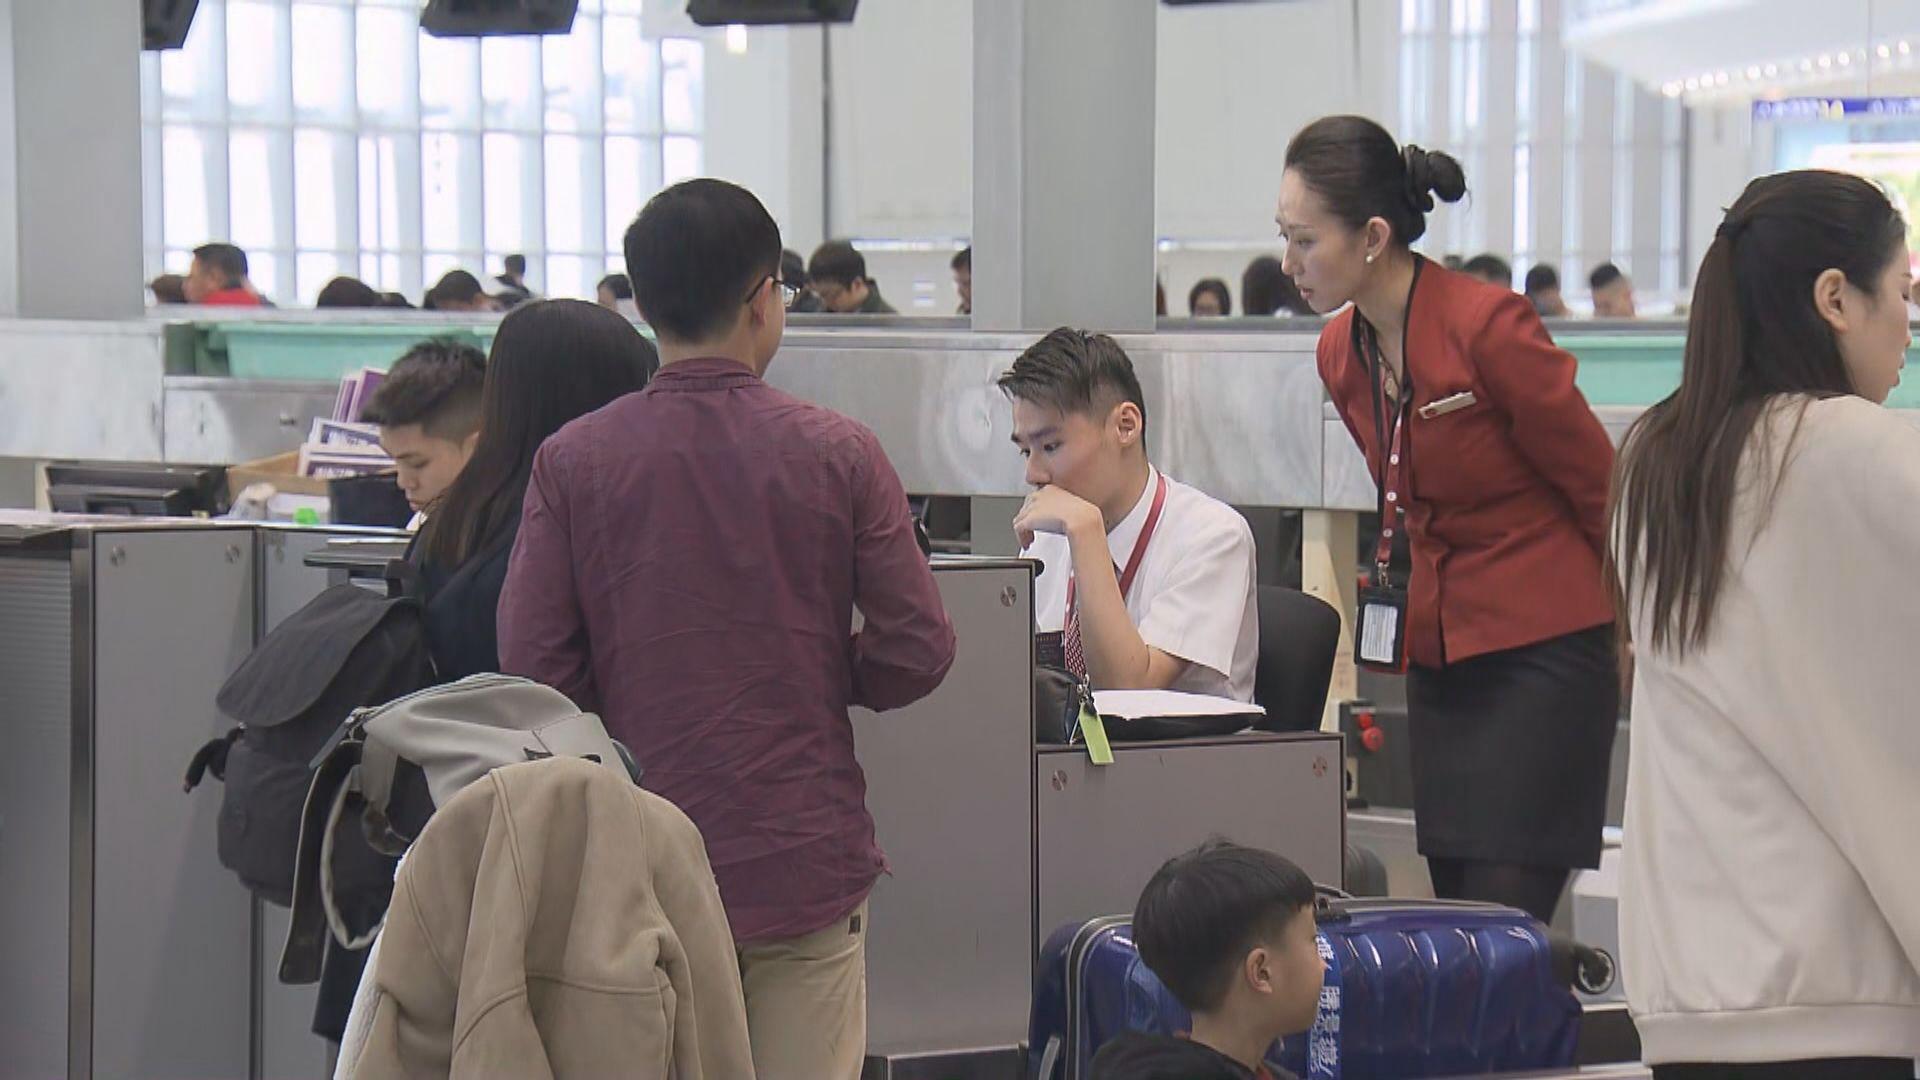 網民發起下午機場集會 有旅客提早出門